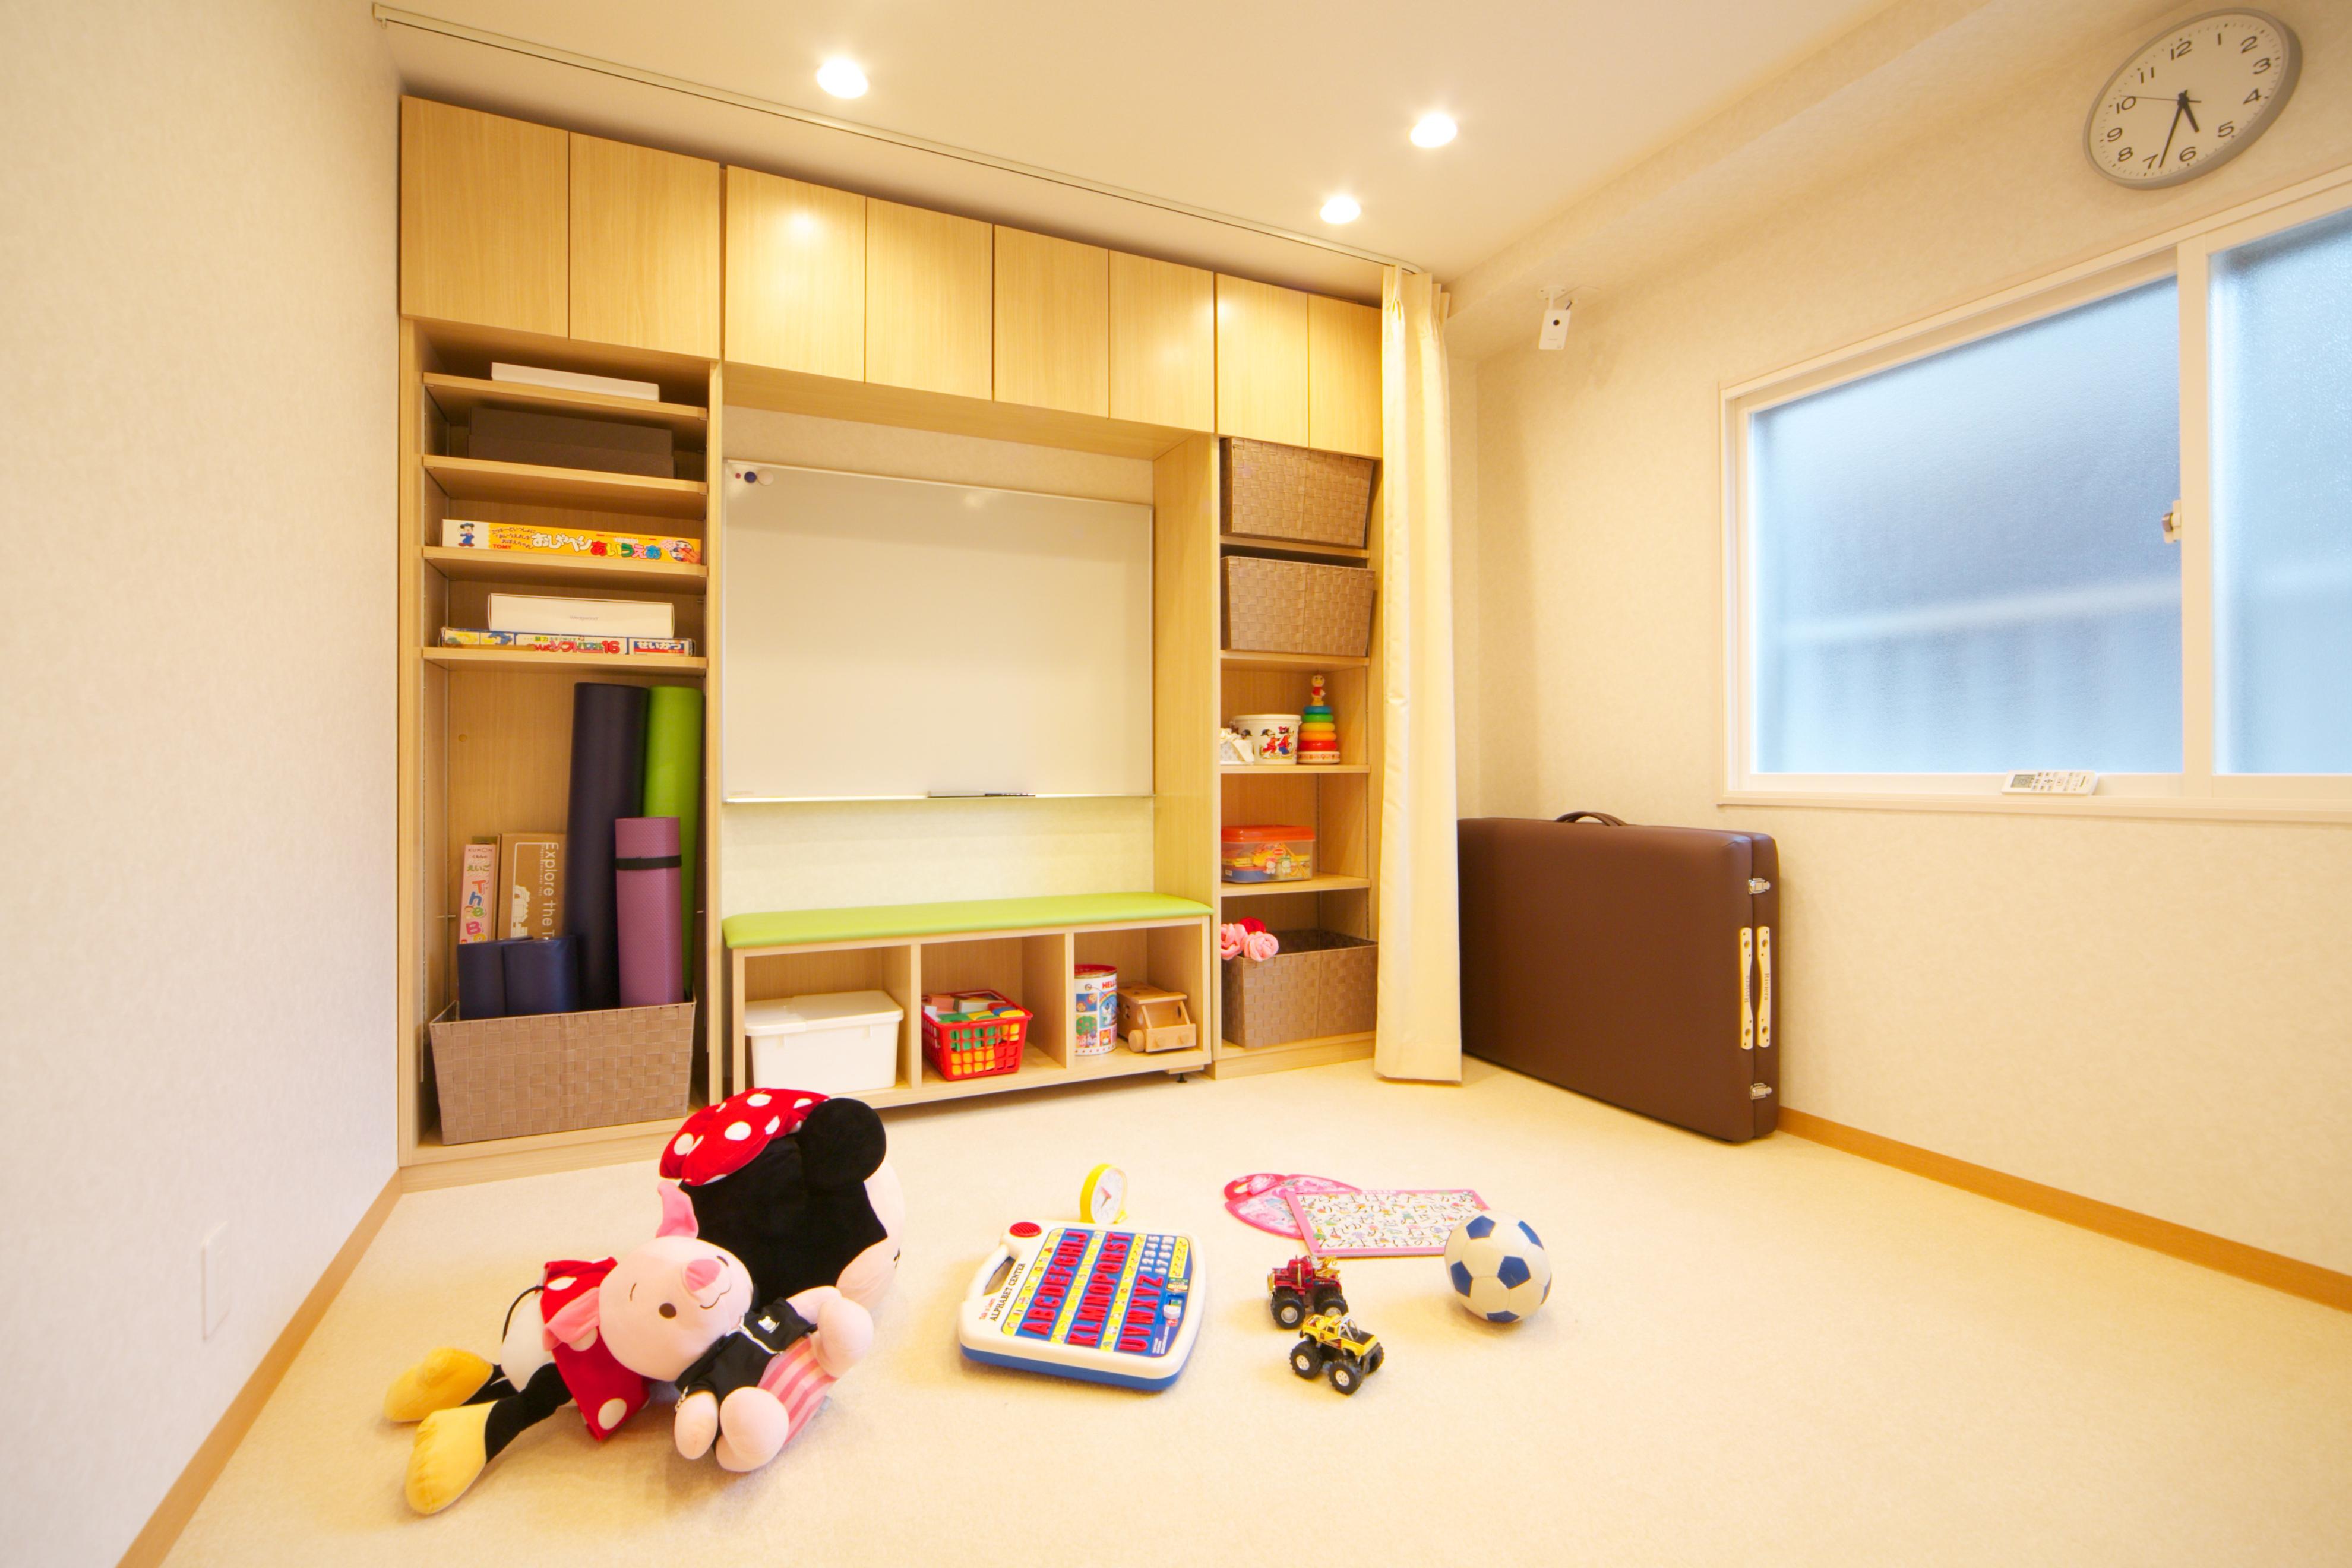 プレイセラピー(遊戯療法)に使用するお部屋です。パーソナルストレッチや運動指導もこちらで行います。